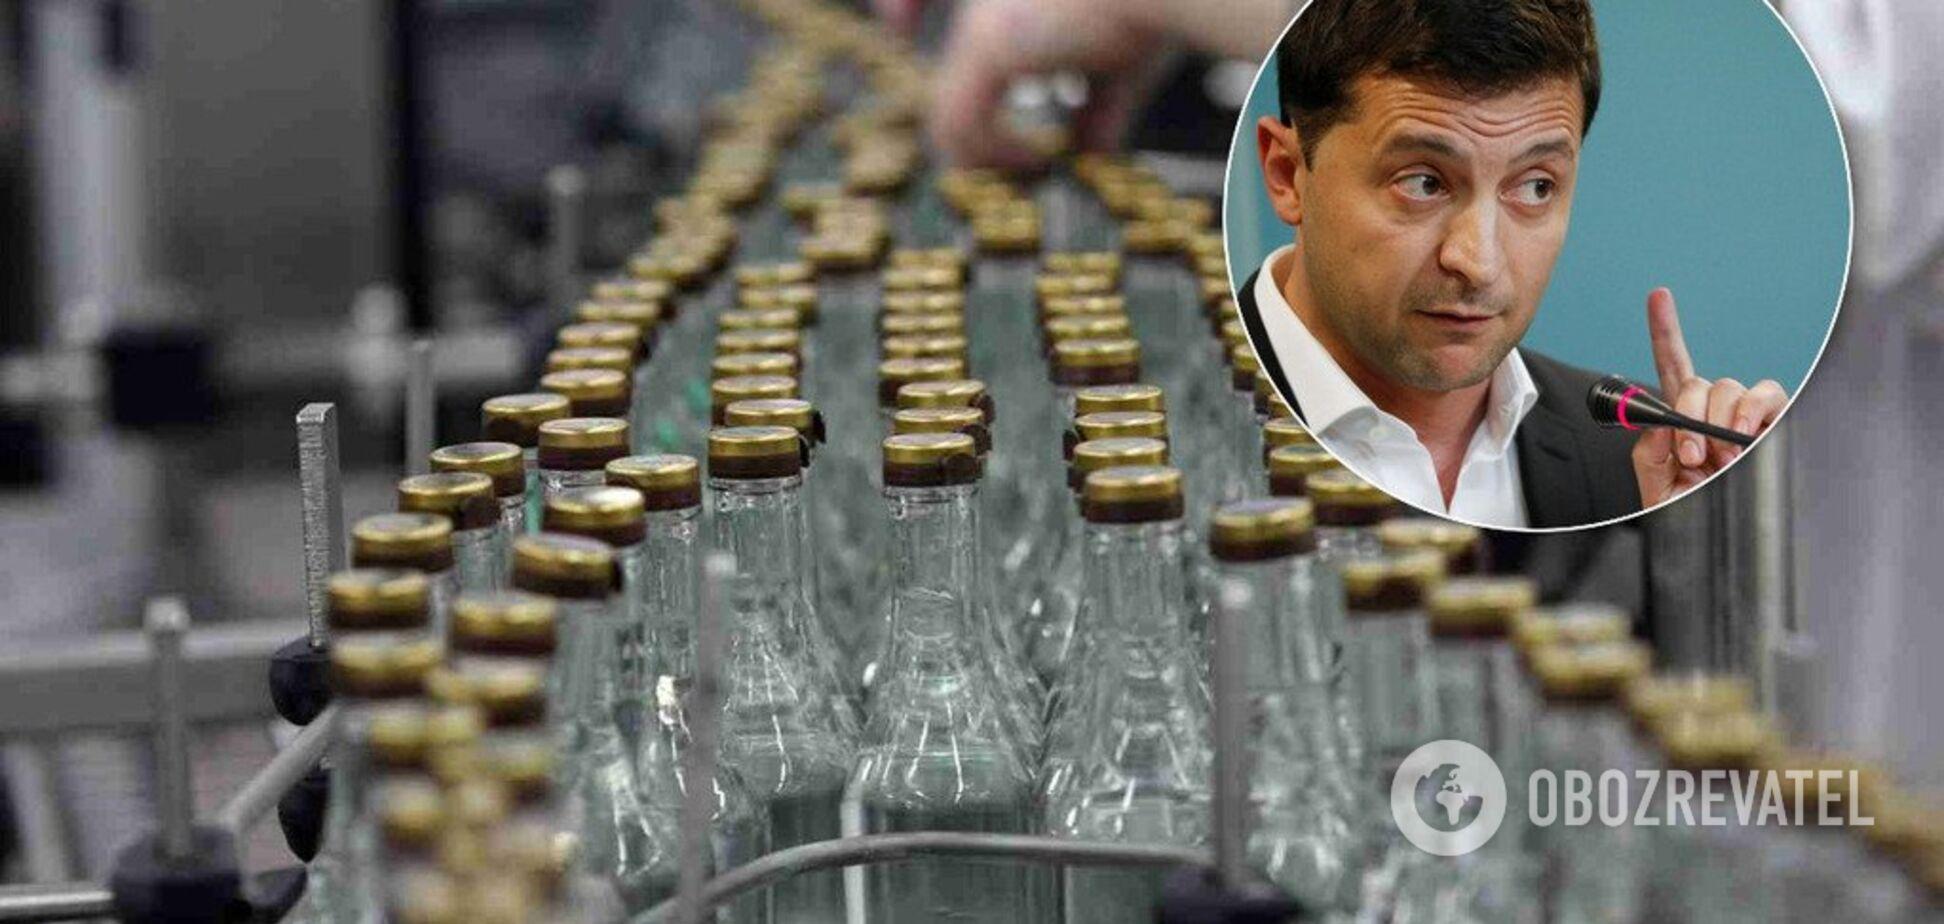 Зеленский собрался 'отобрать' у Украины спирт: озвучена цена вопроса